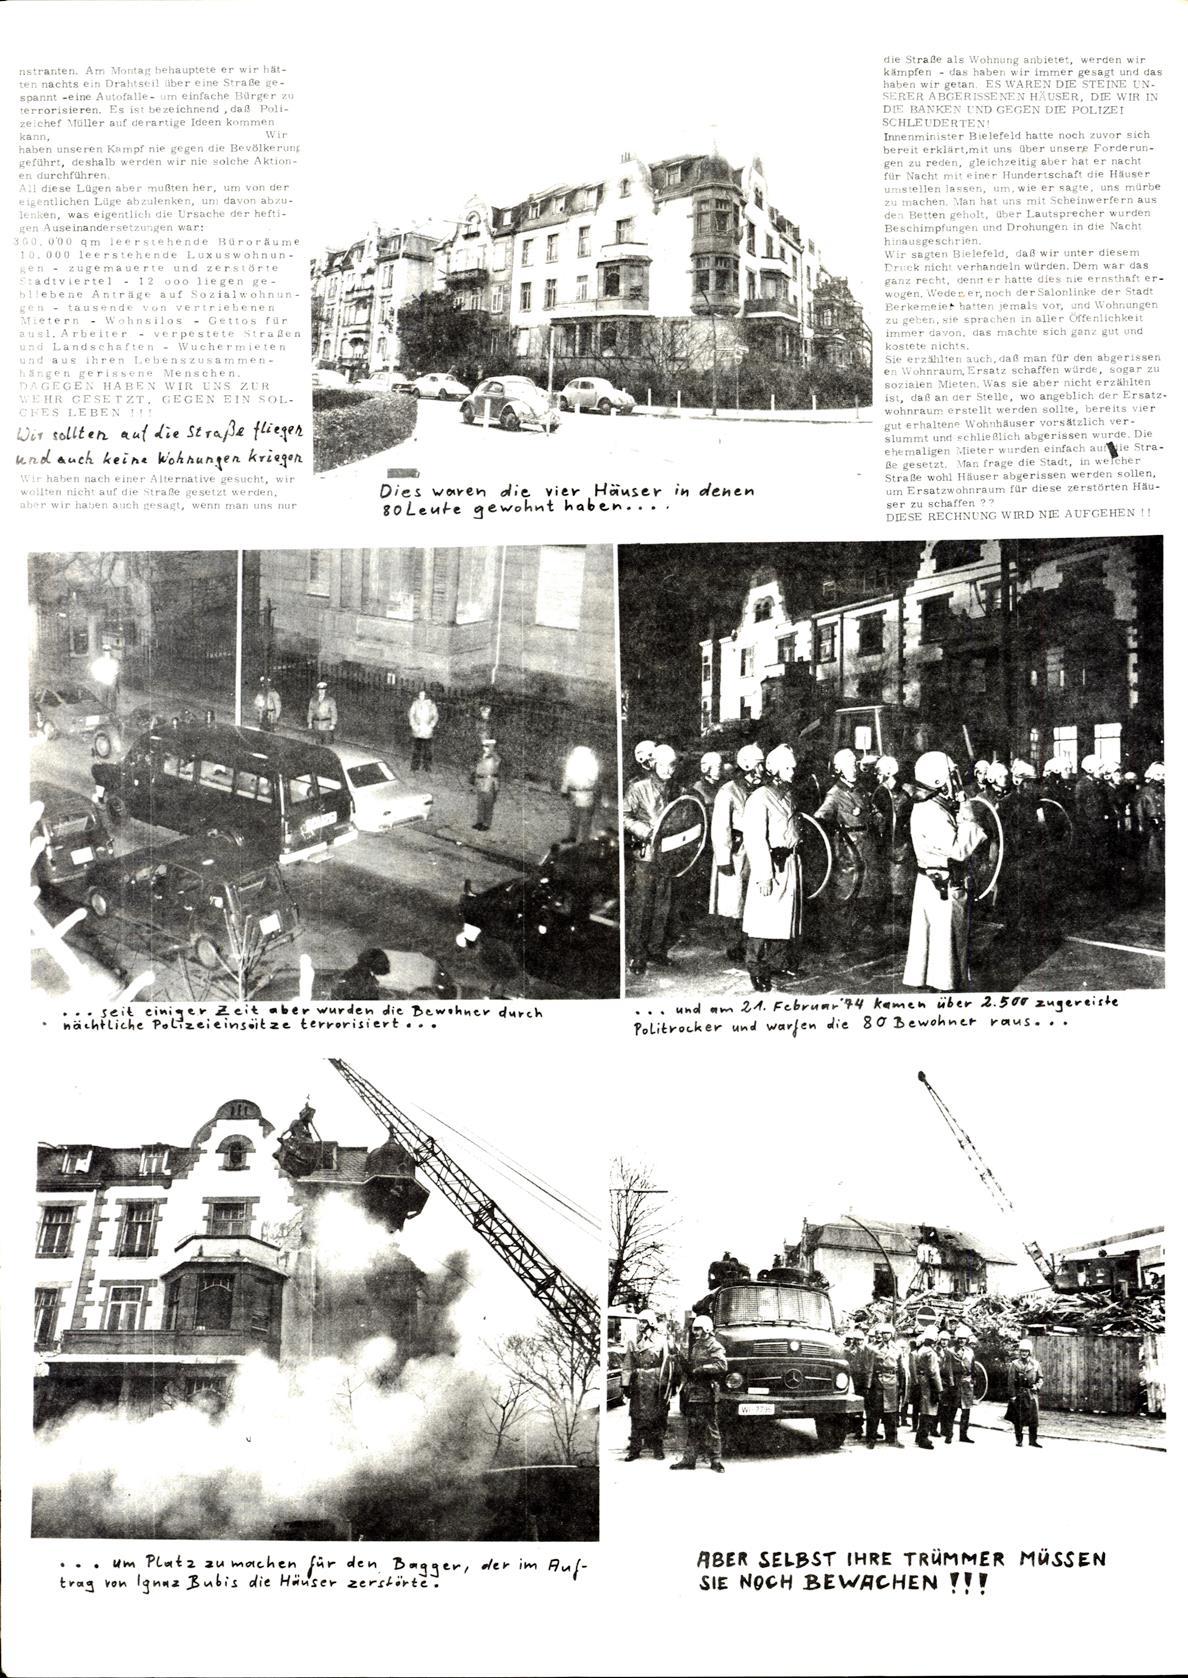 Frankfurt_Haeuserratszeitung_19740300_009_05